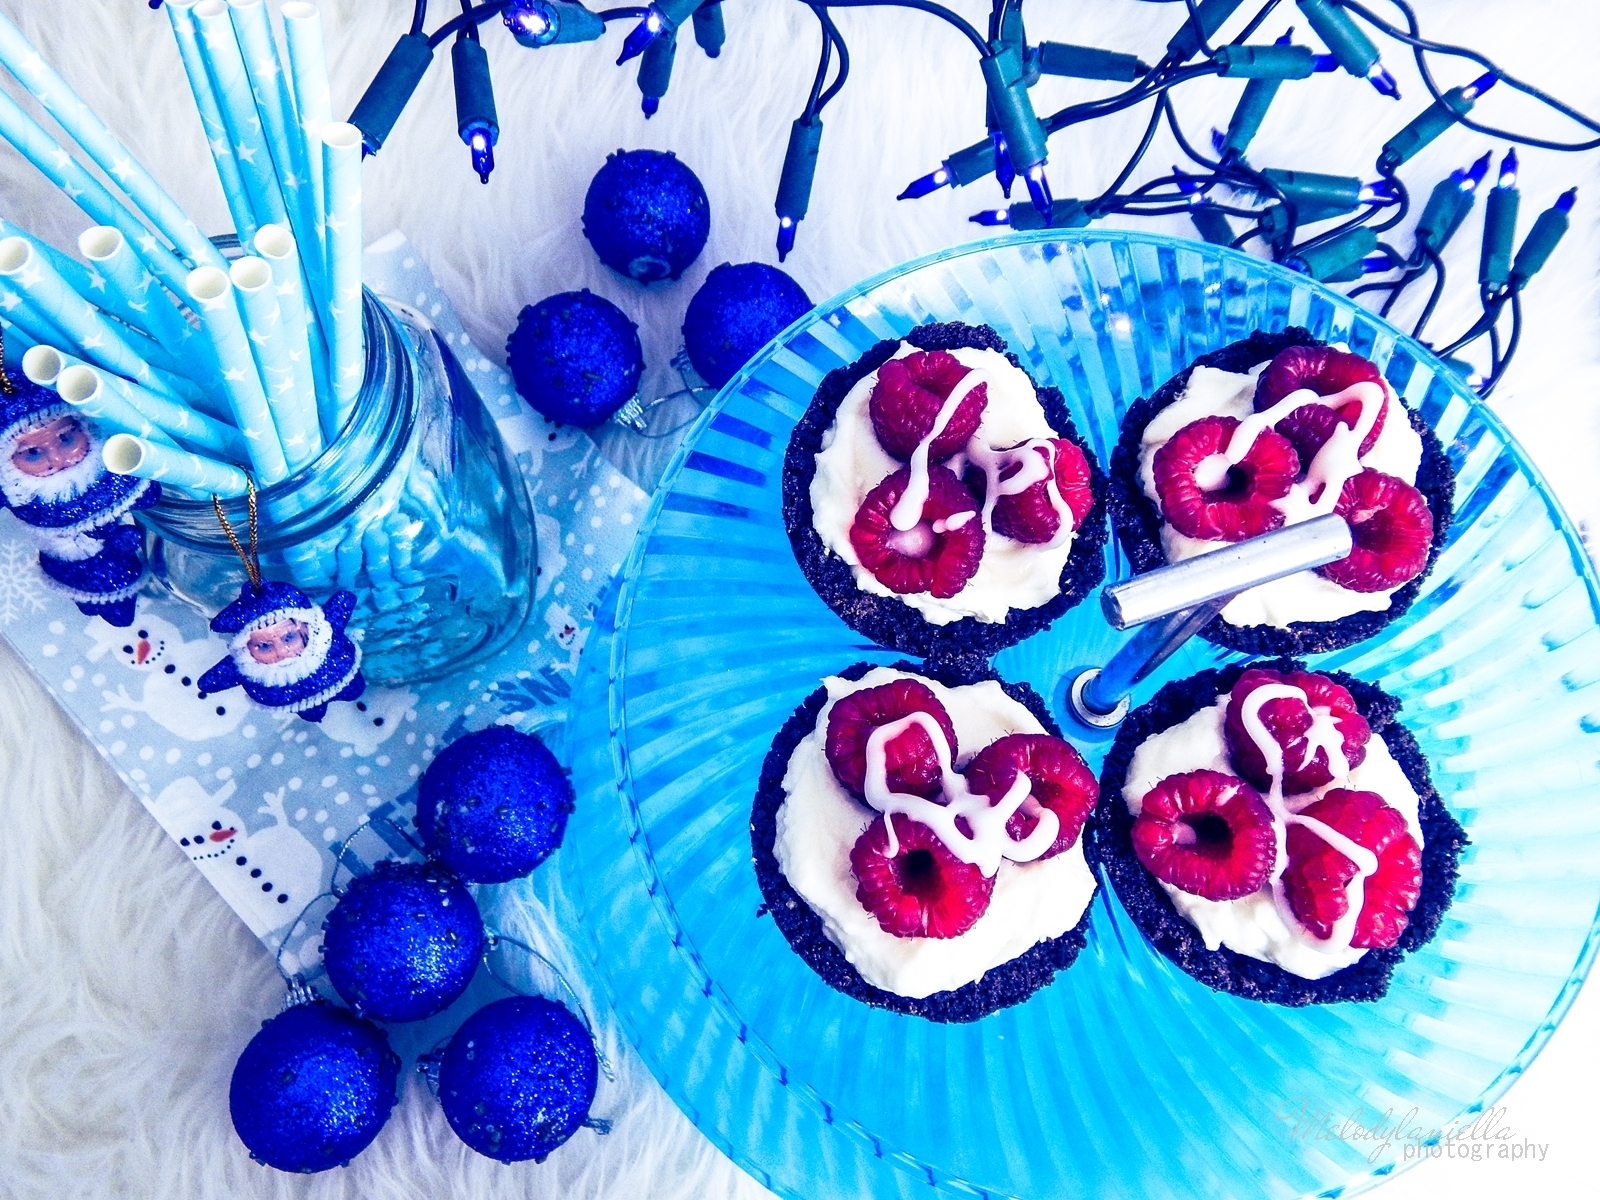 6 szybkie proste i smaczne babeczki oreo z ciastek z kremem jogurtowym i owocami przekaski na Boze Narodzenie, sylwestra i karnawal melodylaniella